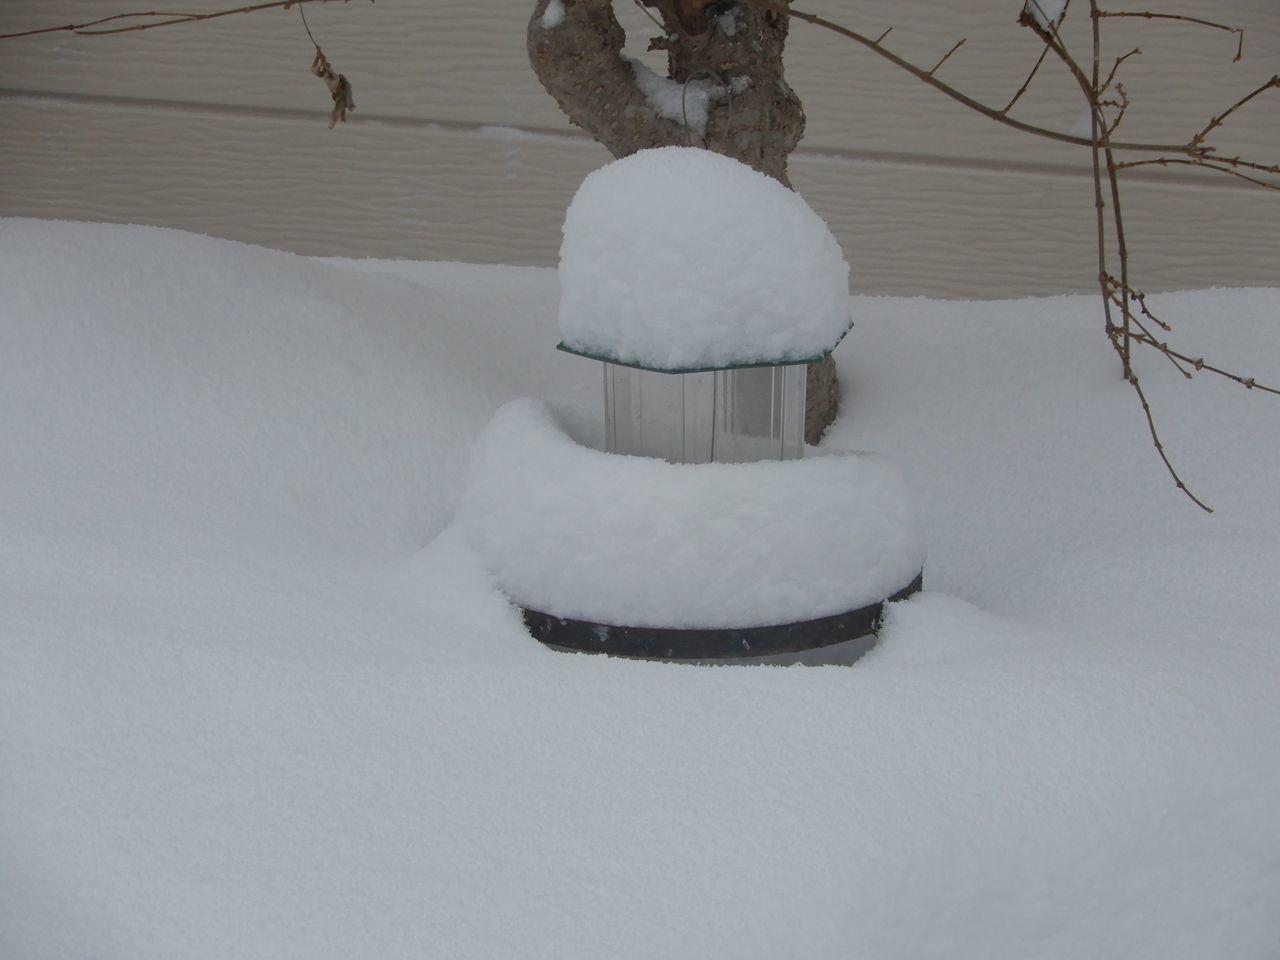 この冬の底は抜けたようですが_c0025115_22165247.jpg